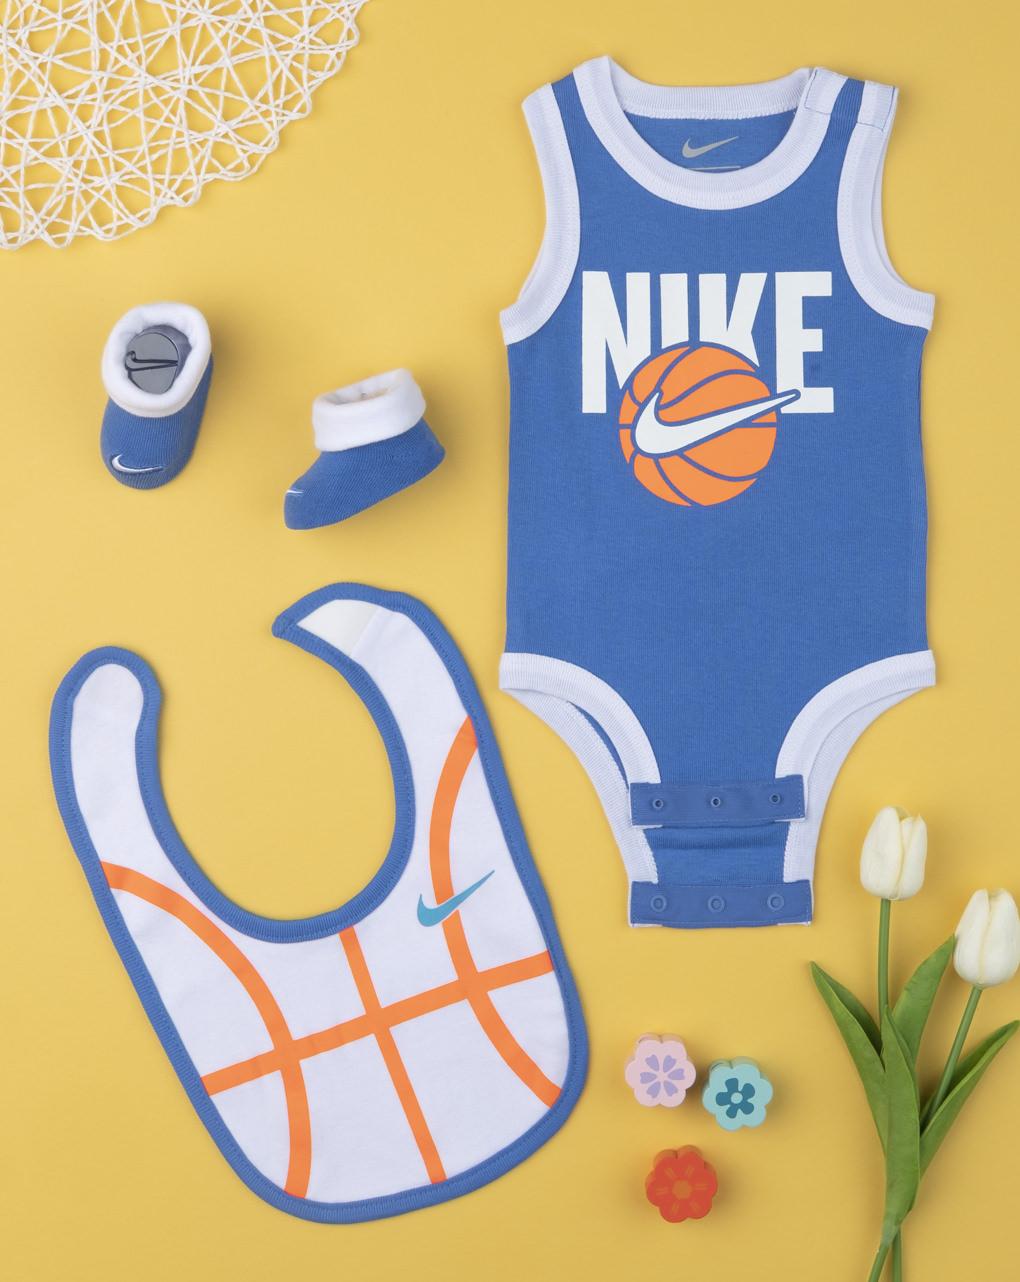 Σετ Nike Κορμάκι-σαλιάρα-καλτσάκια για Αγόρι 6-12μηνών